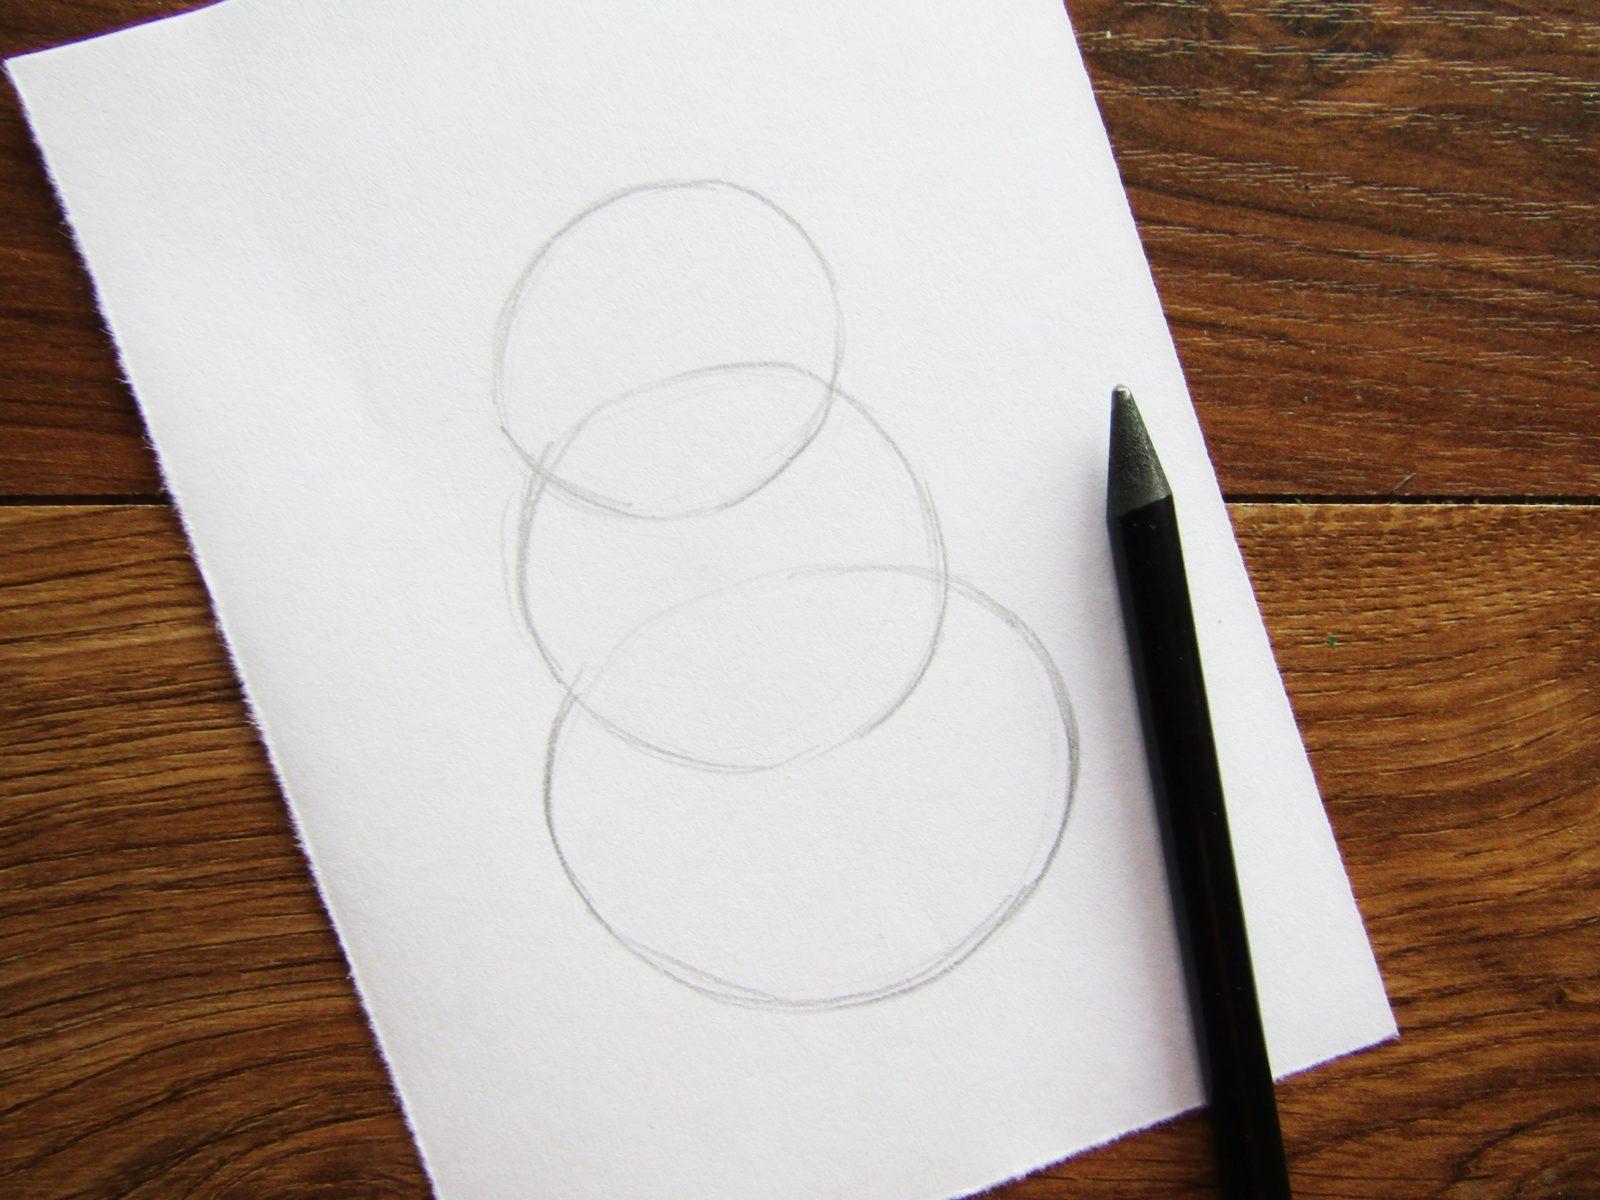 Как нарисовать снеговика гуашью - 2